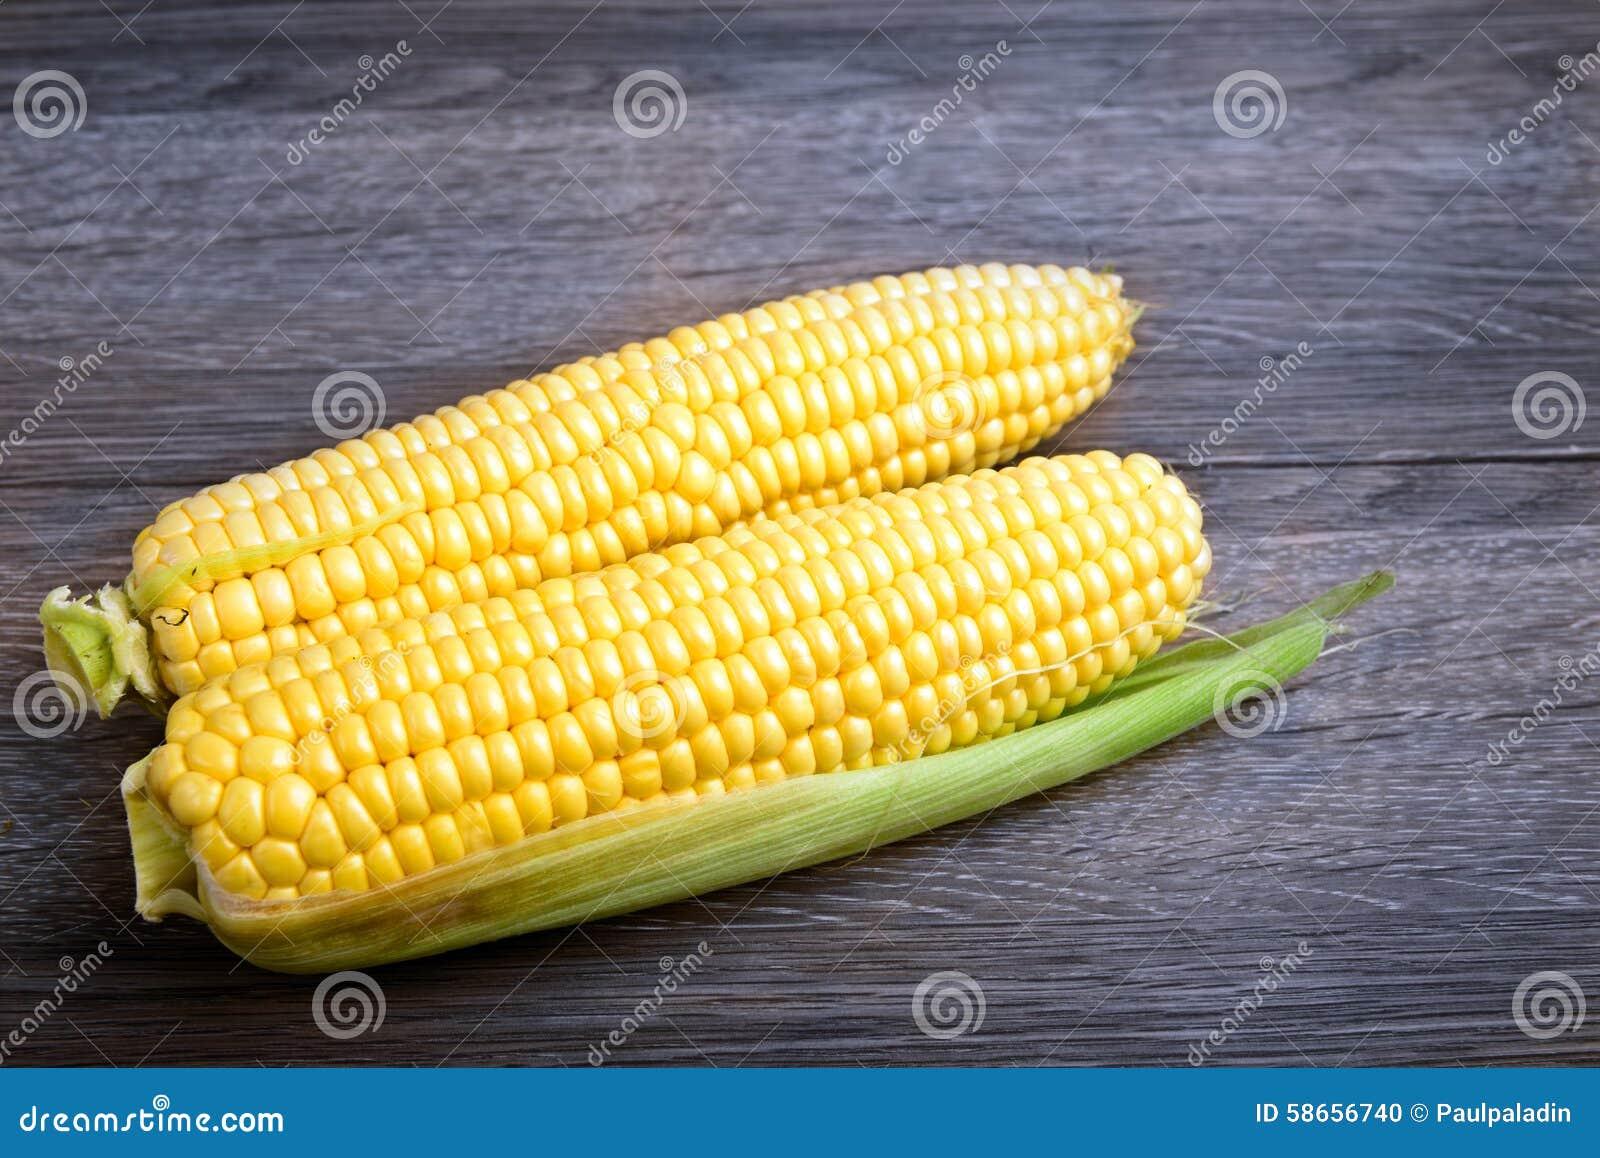 Espigas do milho doce